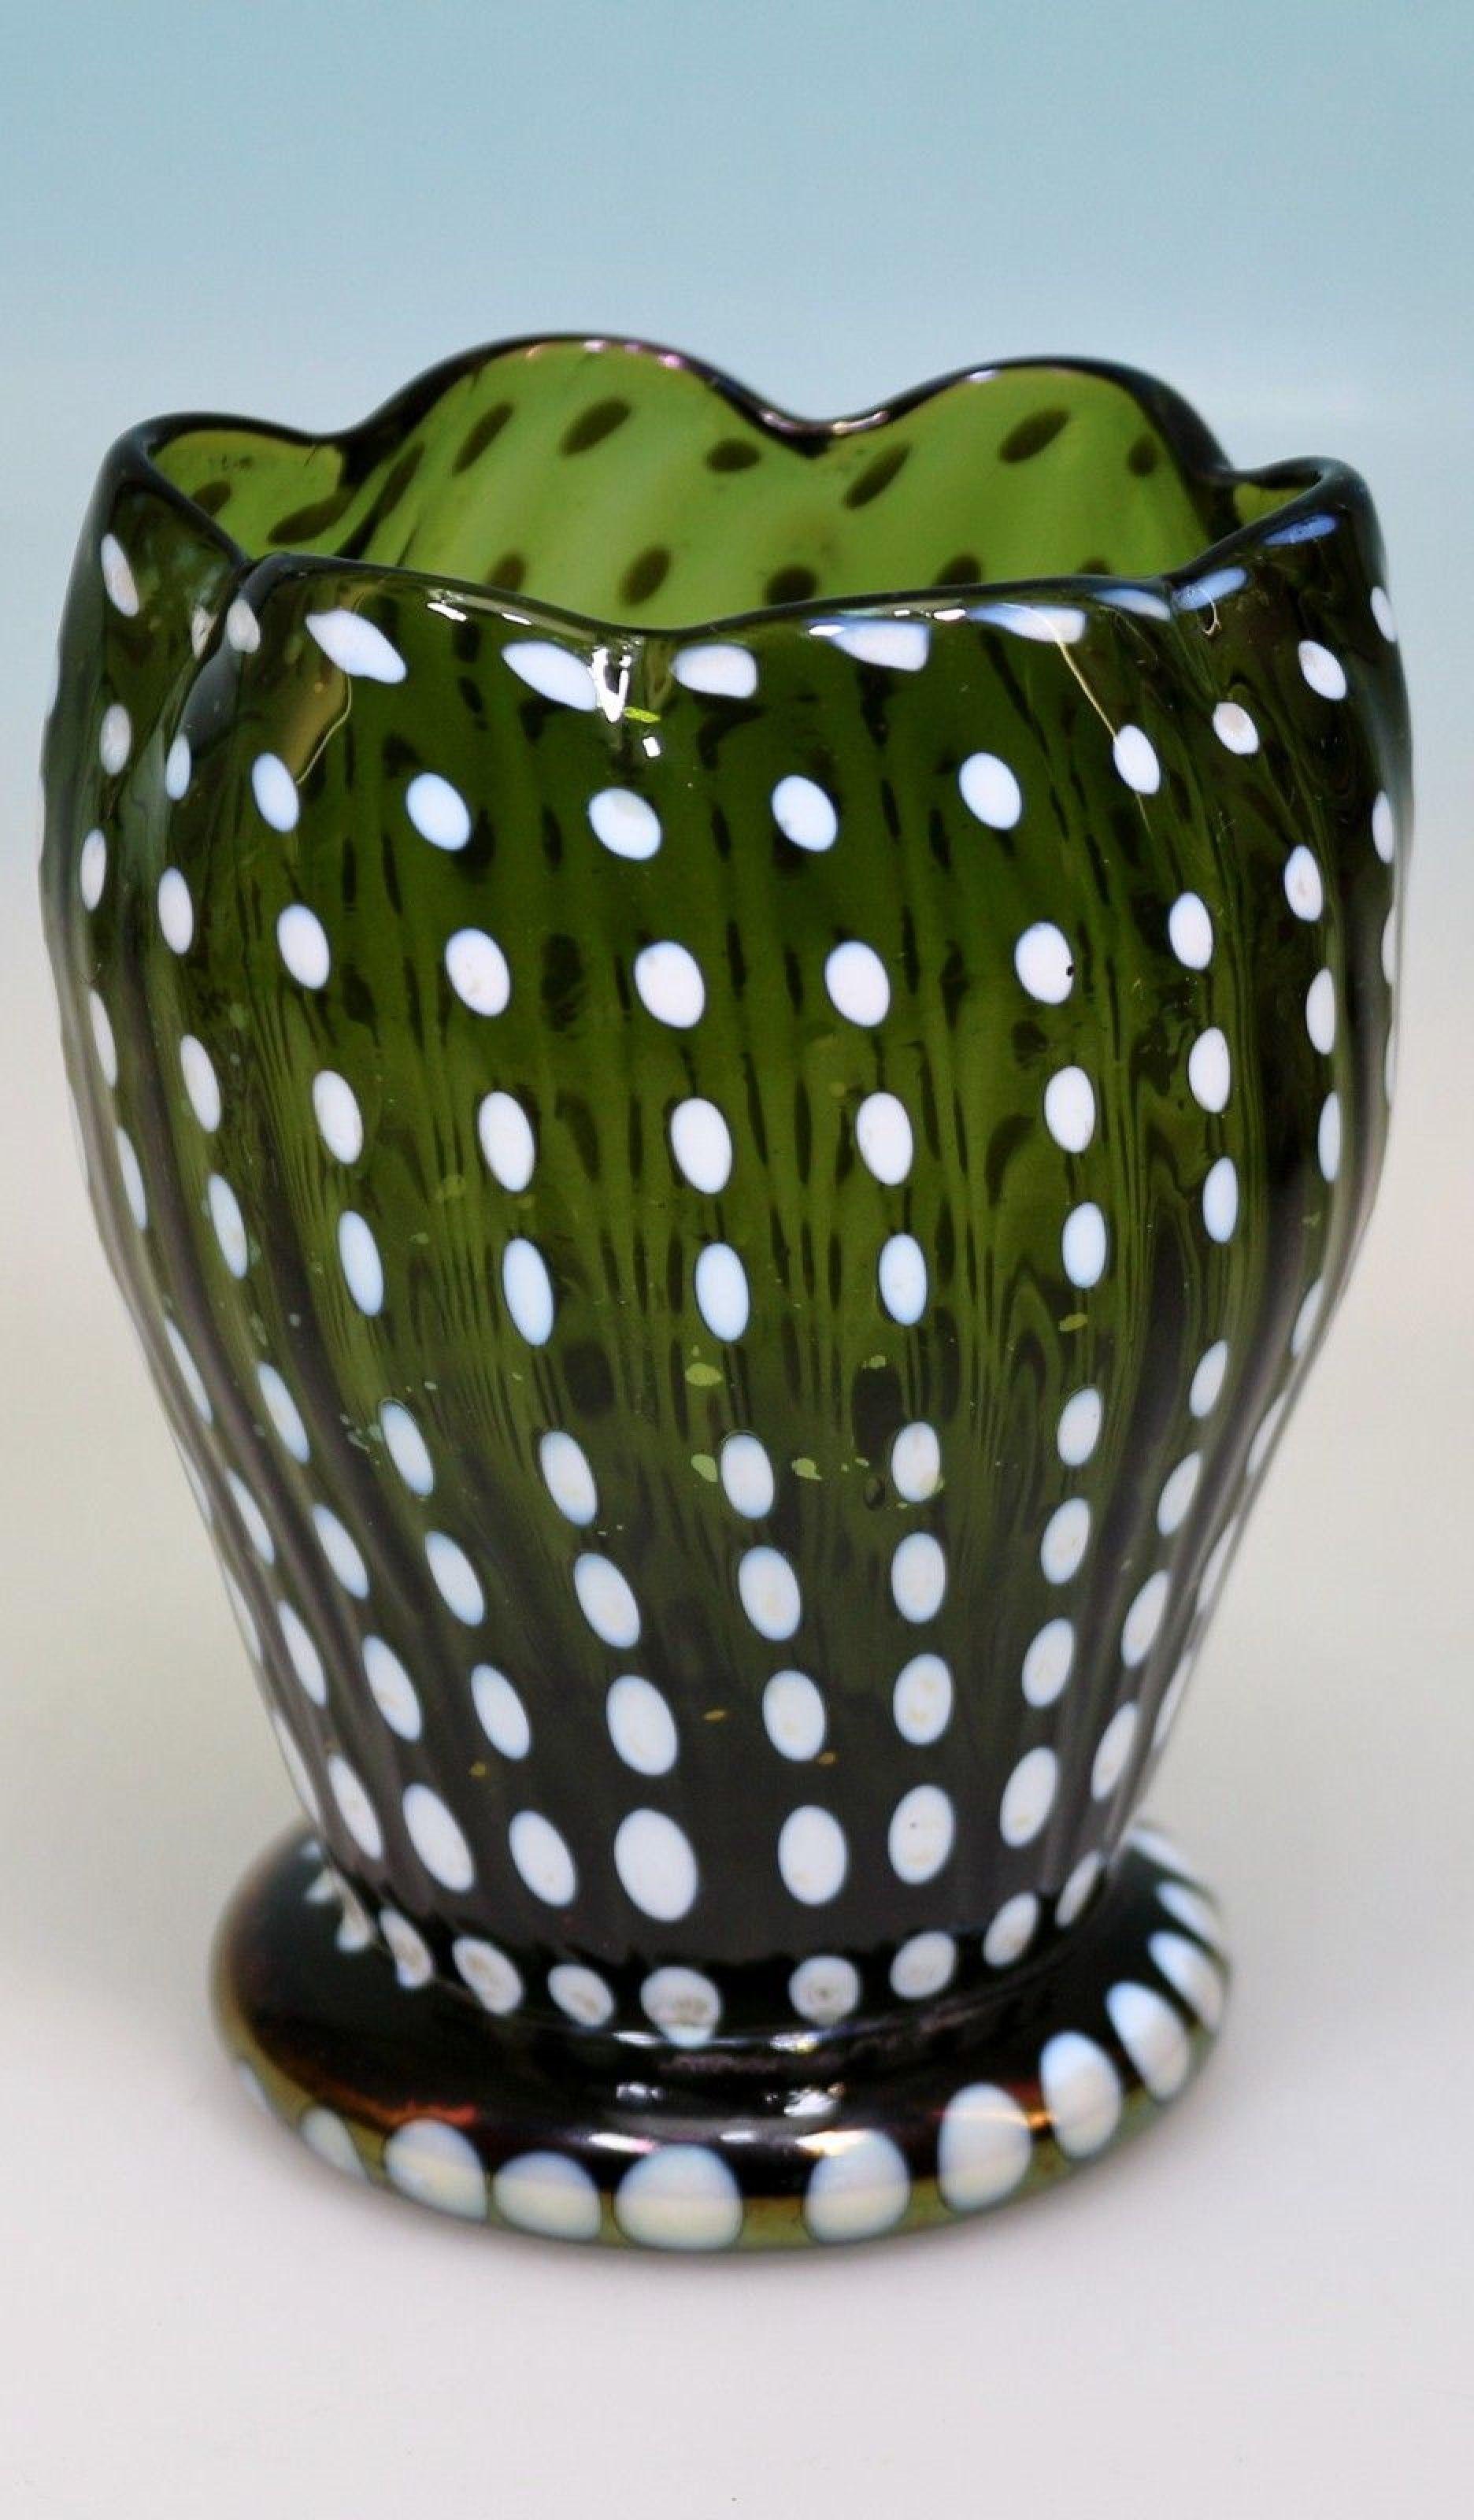 art deco vase of la¶tz art deco vase bronzeirisierung punktdekor loetz loetz with la¶tz art deco vase bronzeirisierung punktdekor loetz